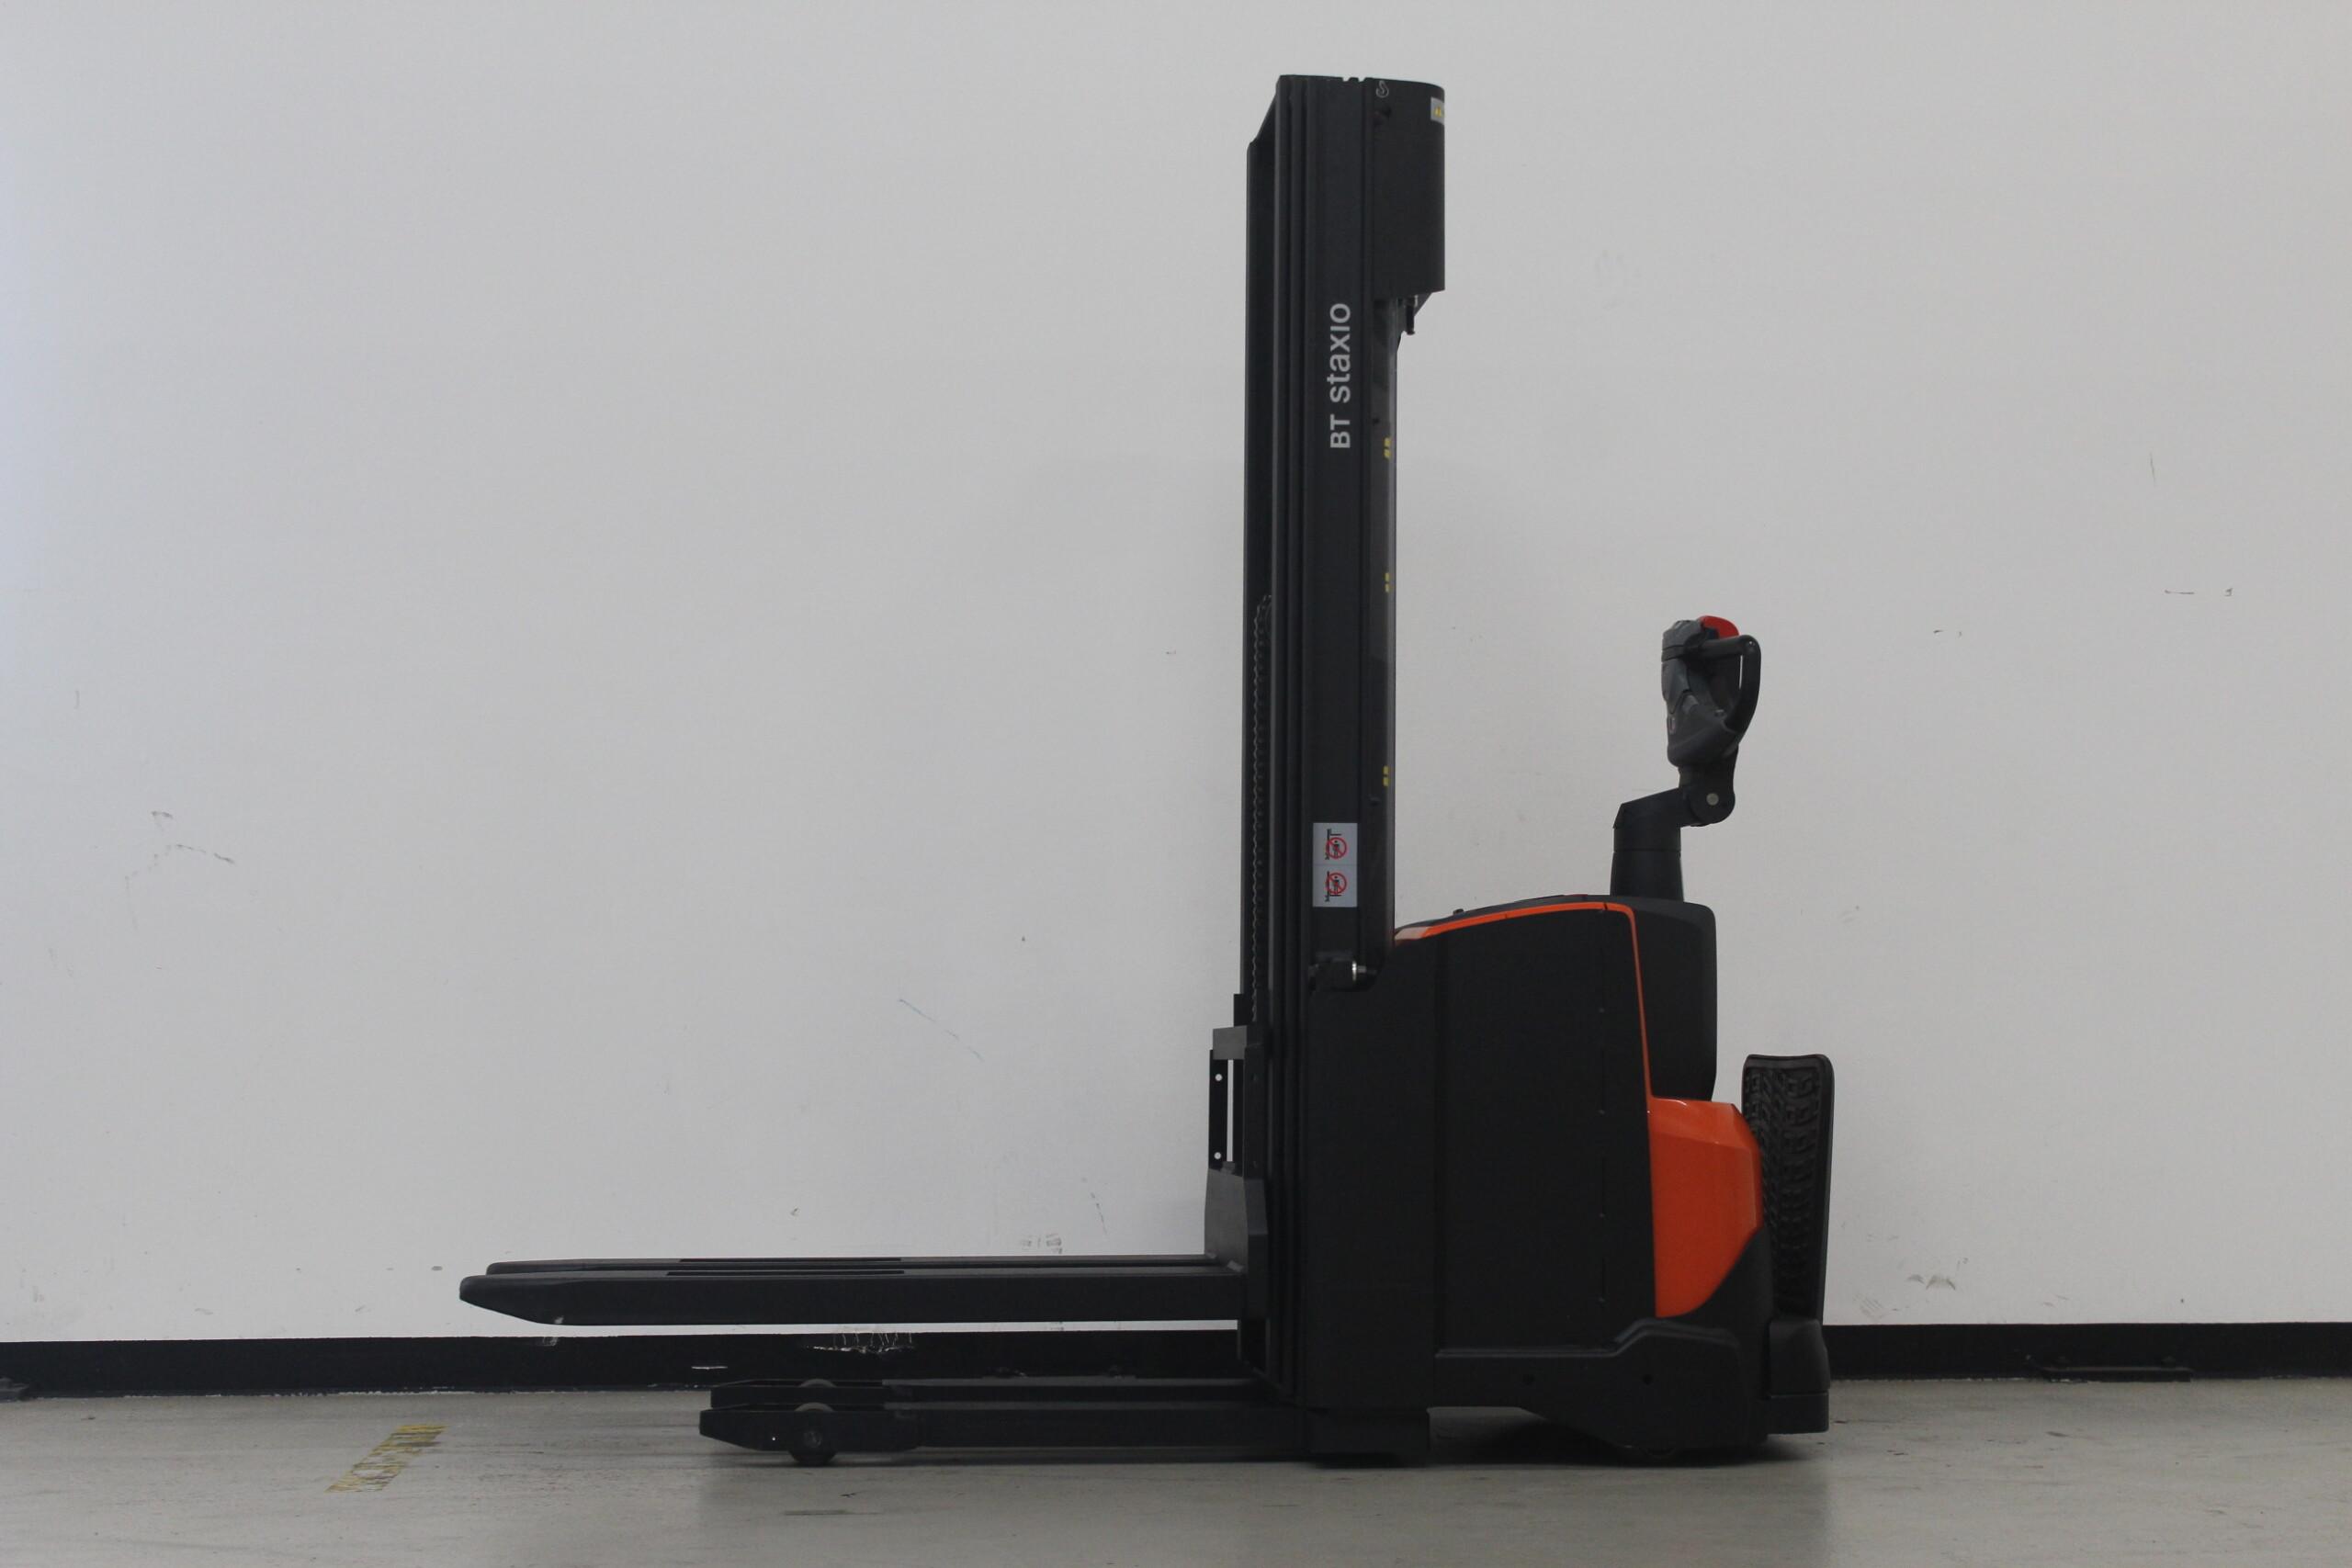 Toyota-Gabelstapler-59840 1806293952 1 49 scaled